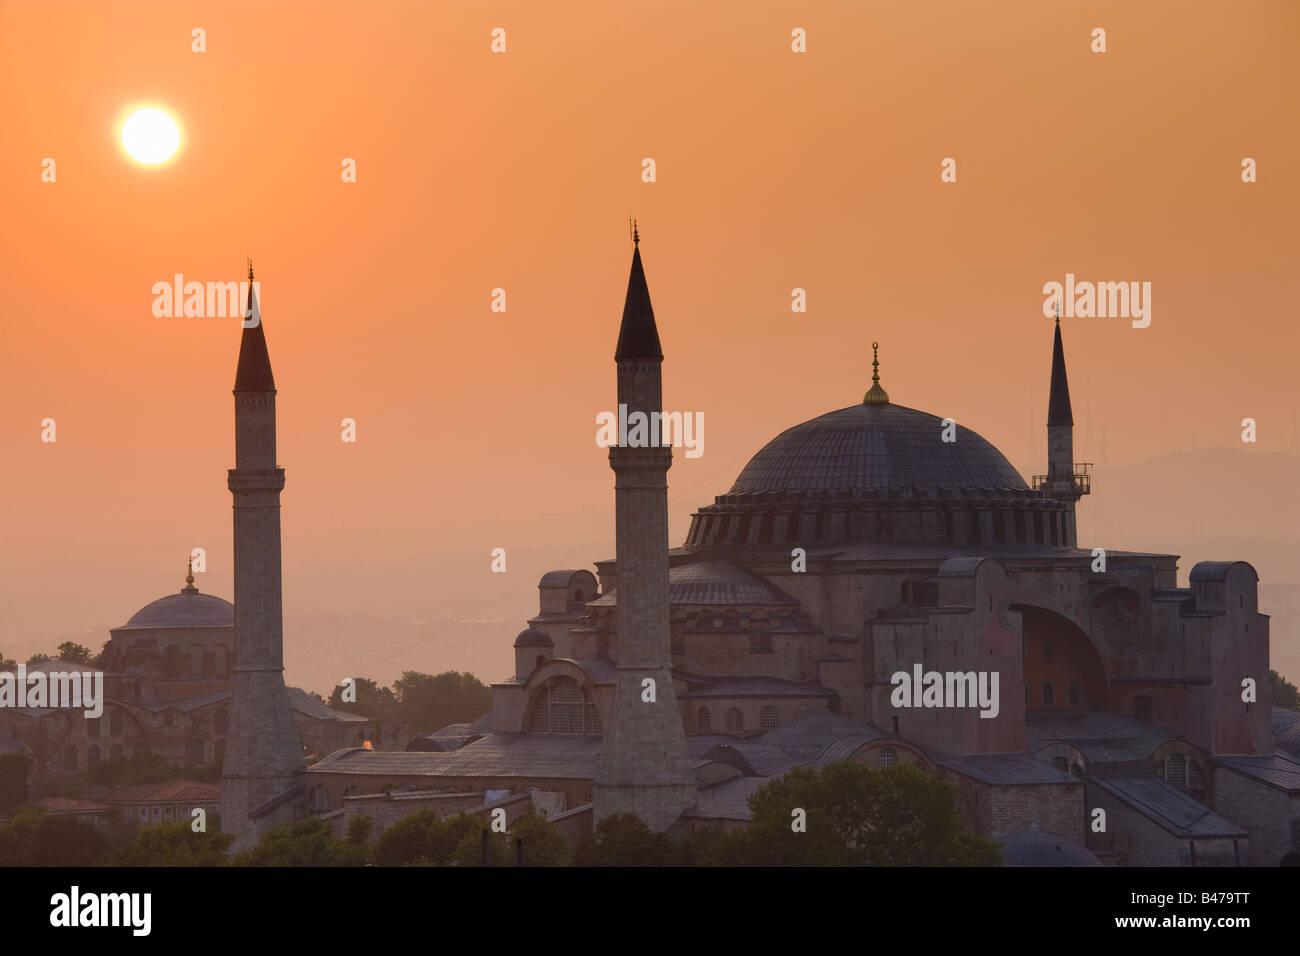 Turquia Estambul vista de la mezquita de Hagia Sofía. Imagen De Stock